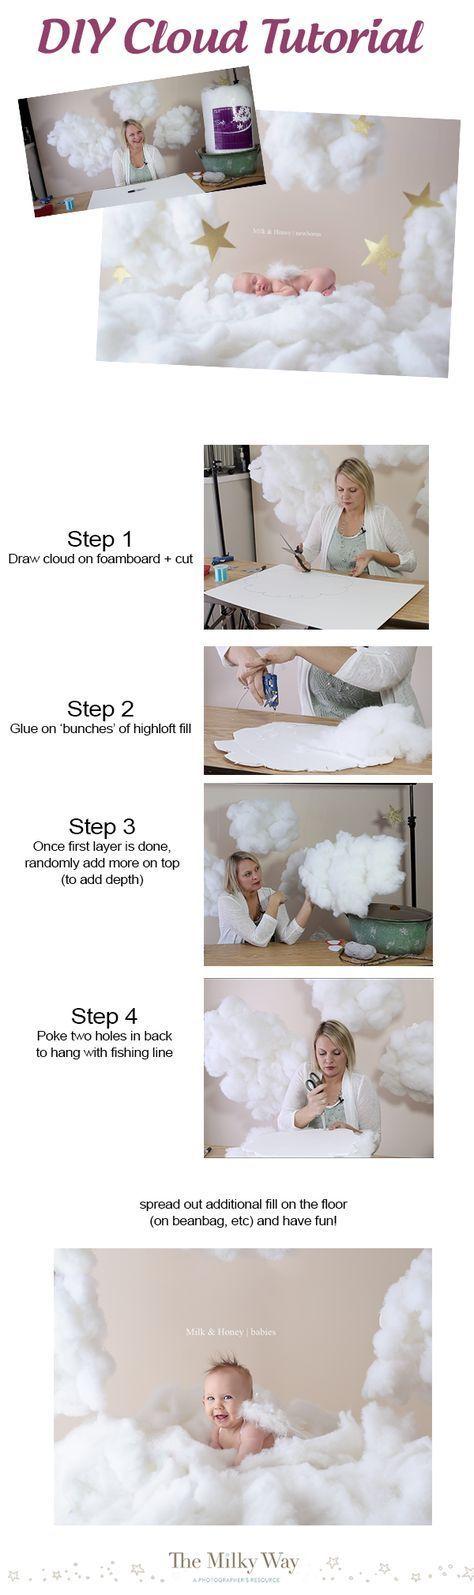 Schauen Sie sich dieses lustige DIY Cloud Tutorial an!